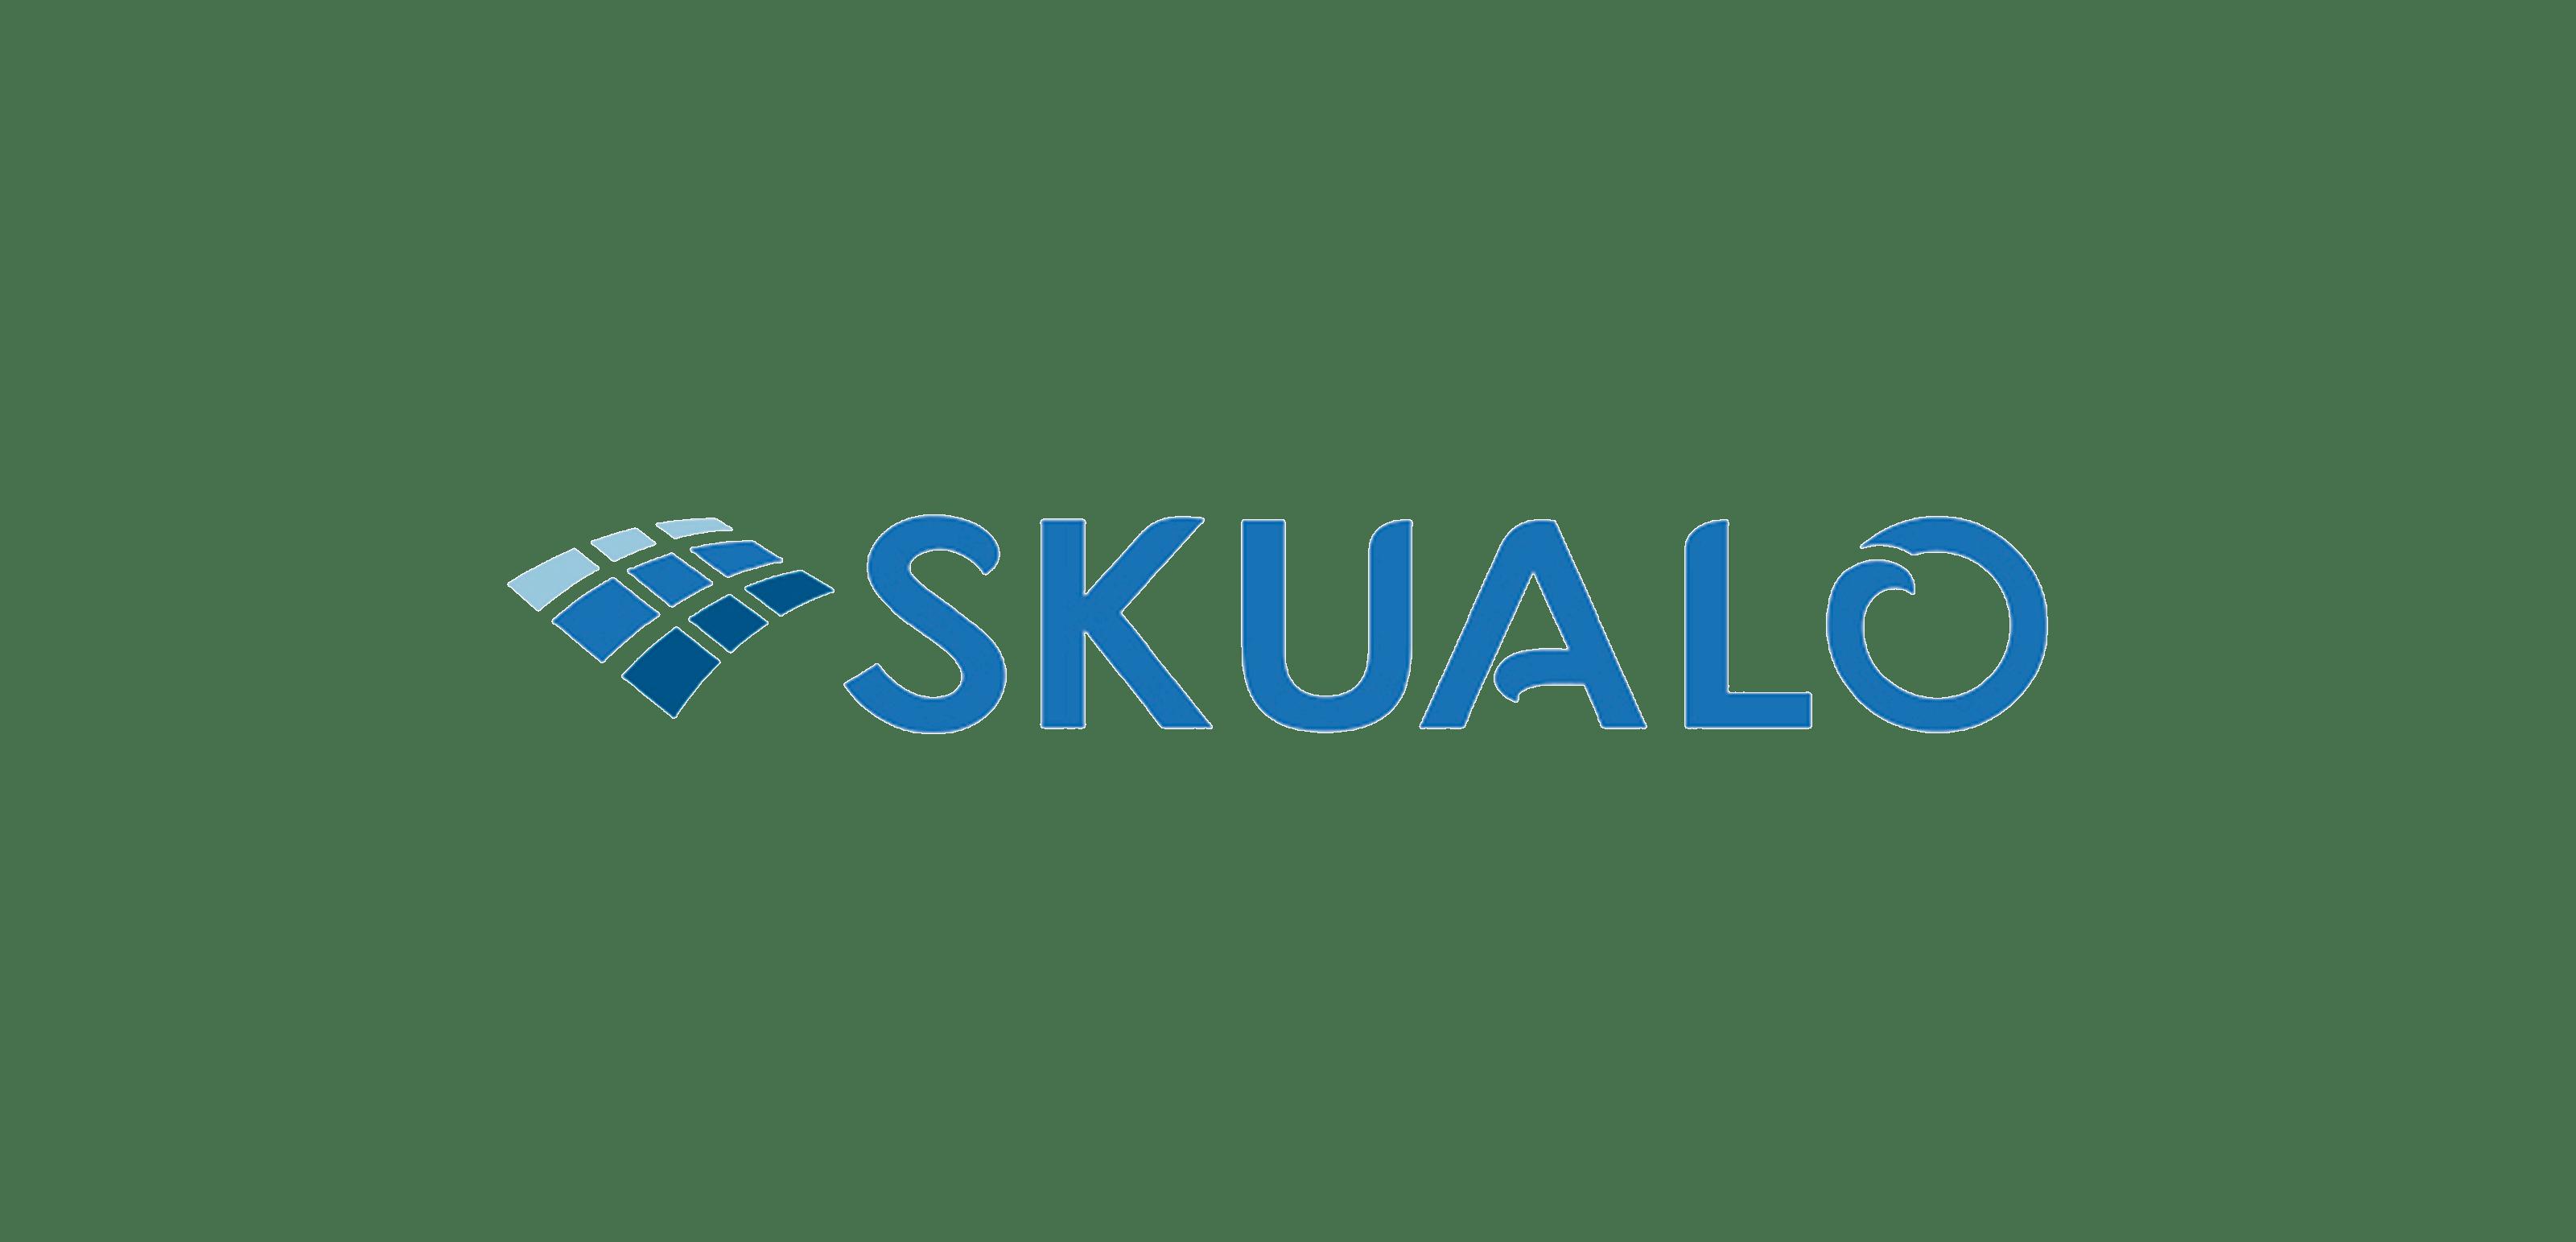 logos-clientes-skualo-min